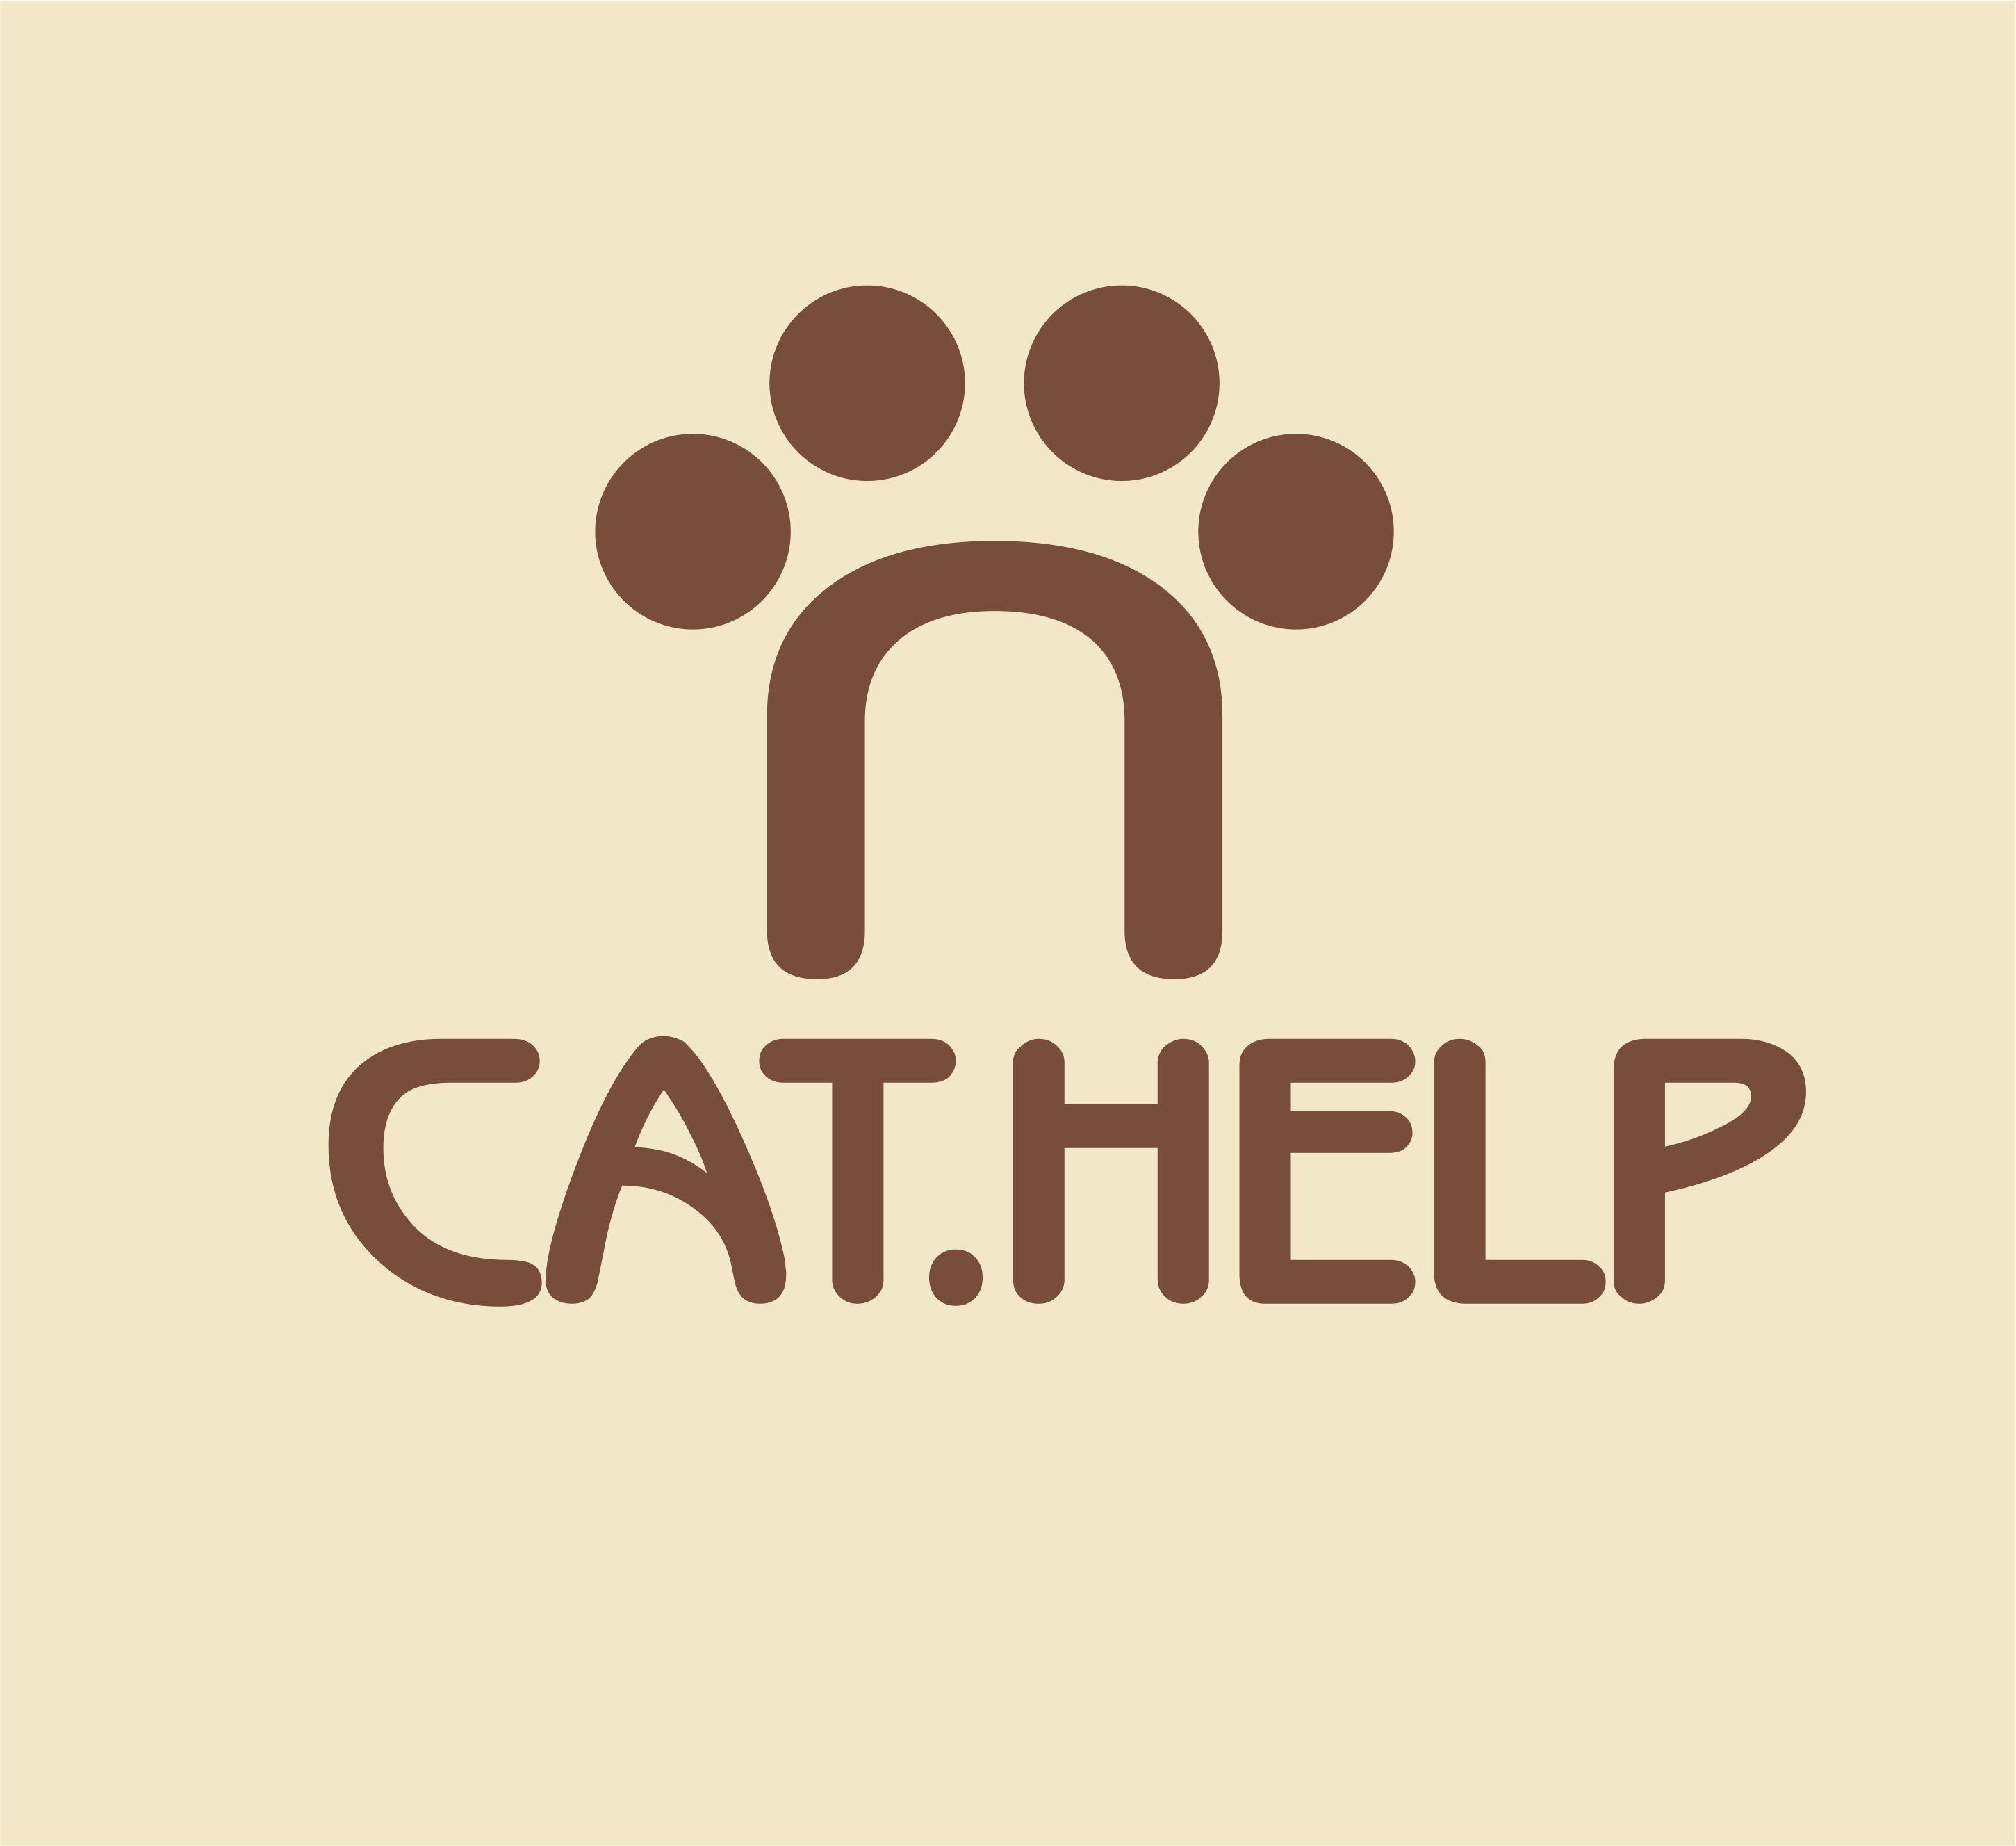 логотип для сайта и группы вк - cat.help фото f_67459d9cd3a46070.jpg